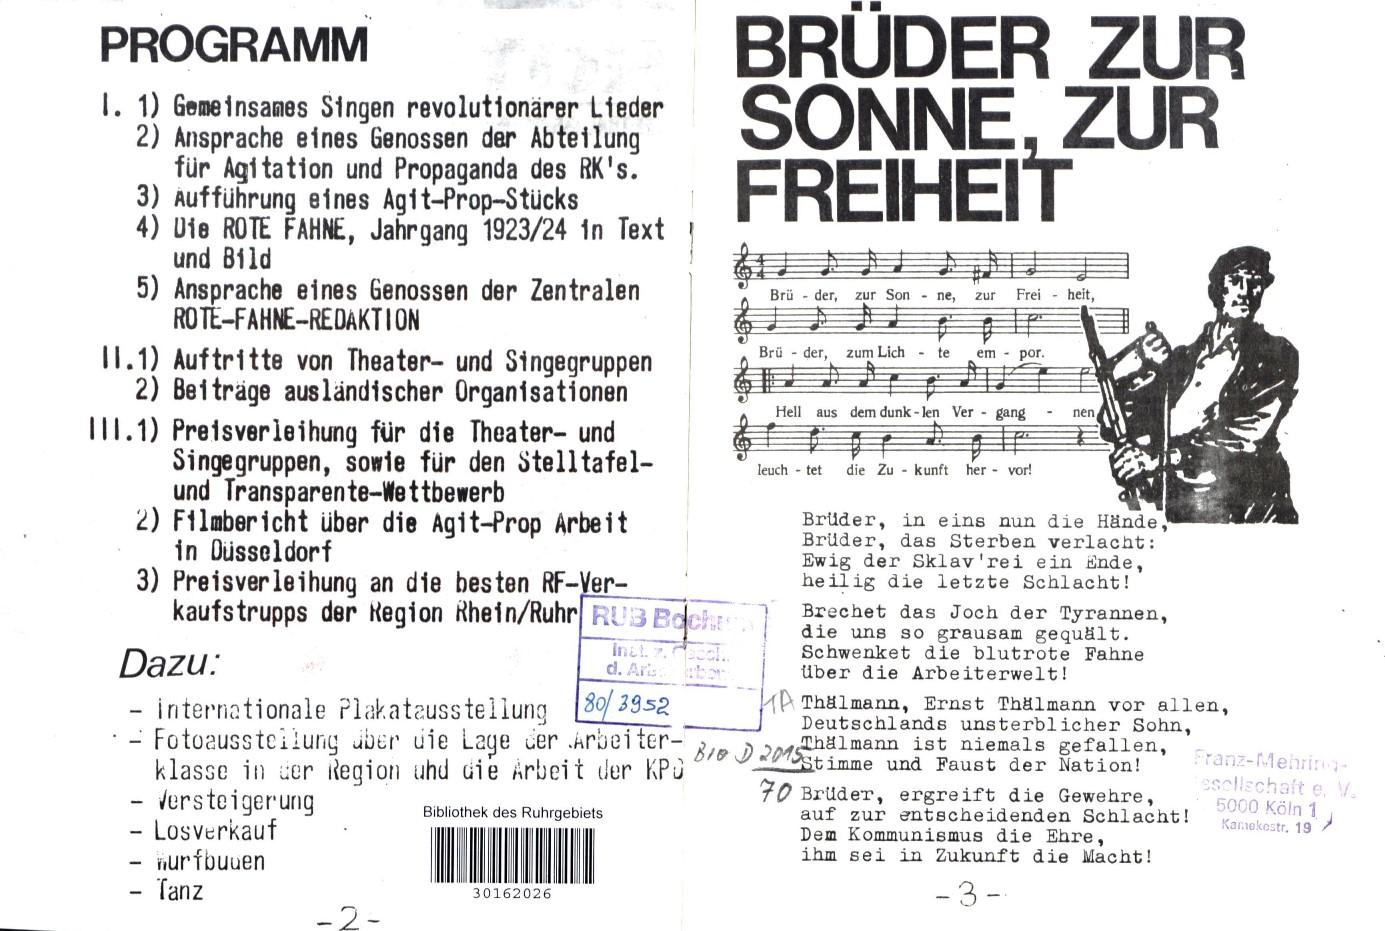 Duisburg_KPD_1974_Rote_Fahne_Fest_02